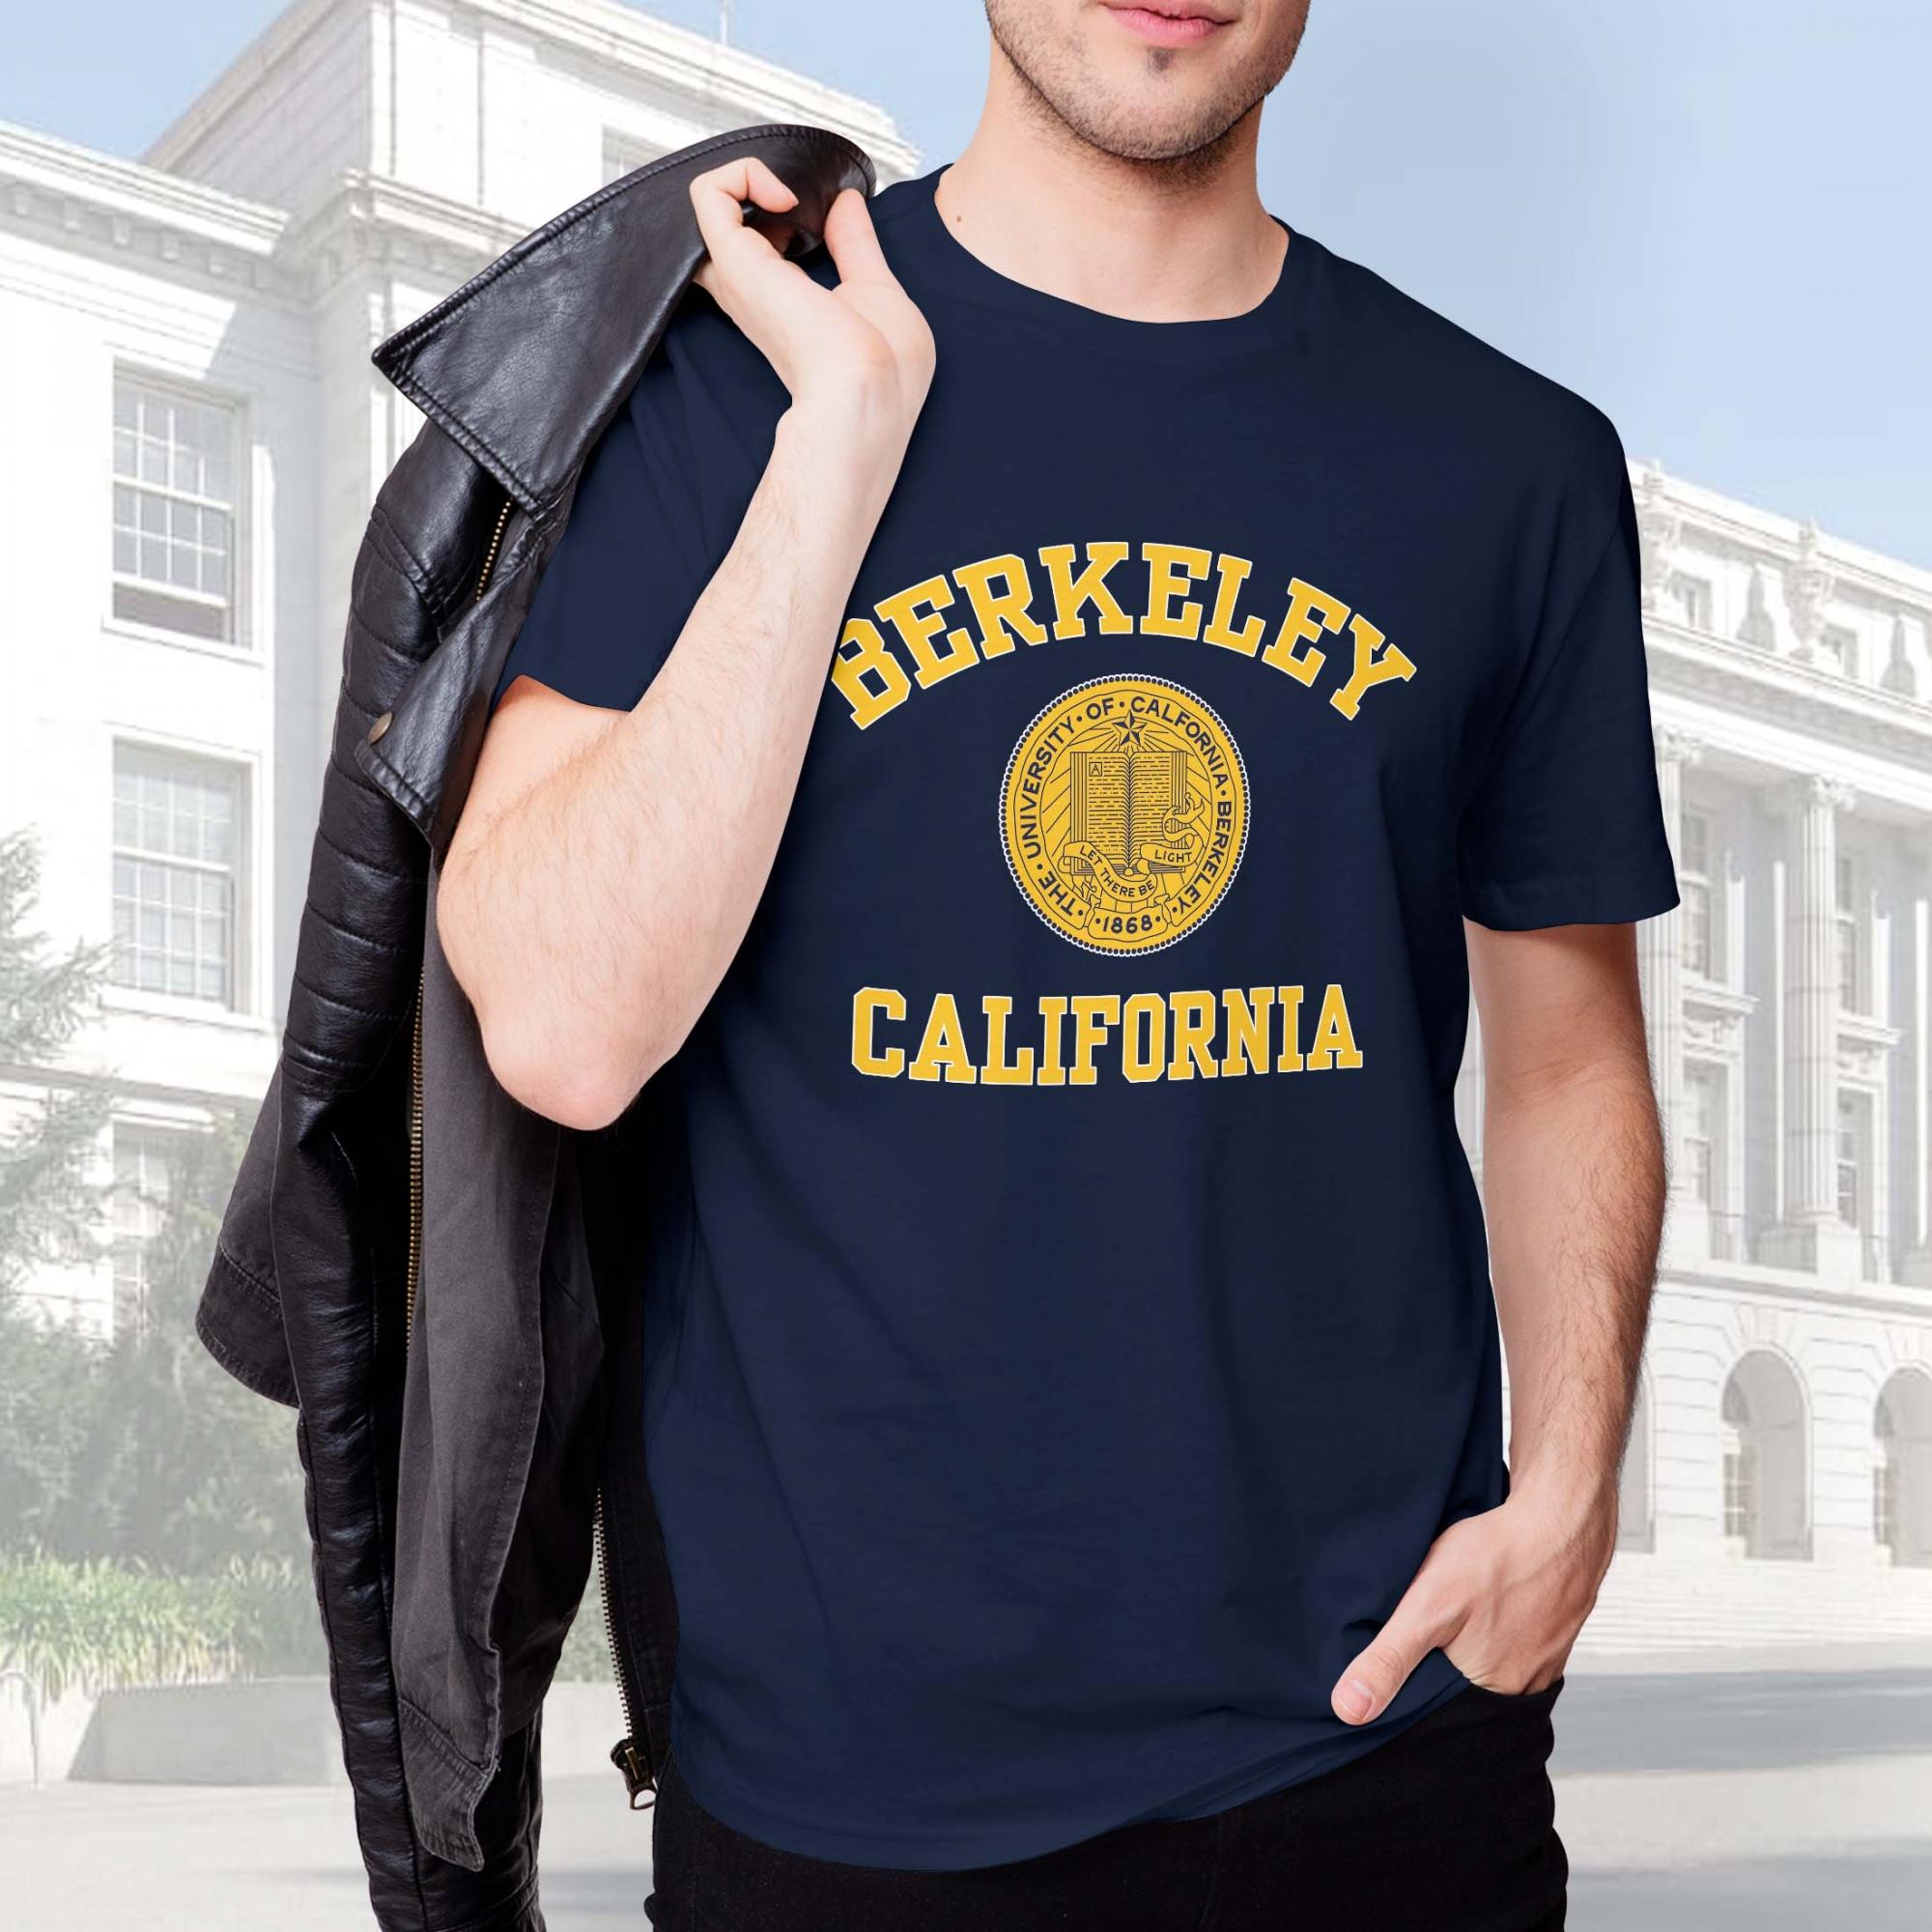 Camiseta Masculina Unissex Universidade da Califórnia Berkeley Estados Unidos University (Azul Marinho) - EV